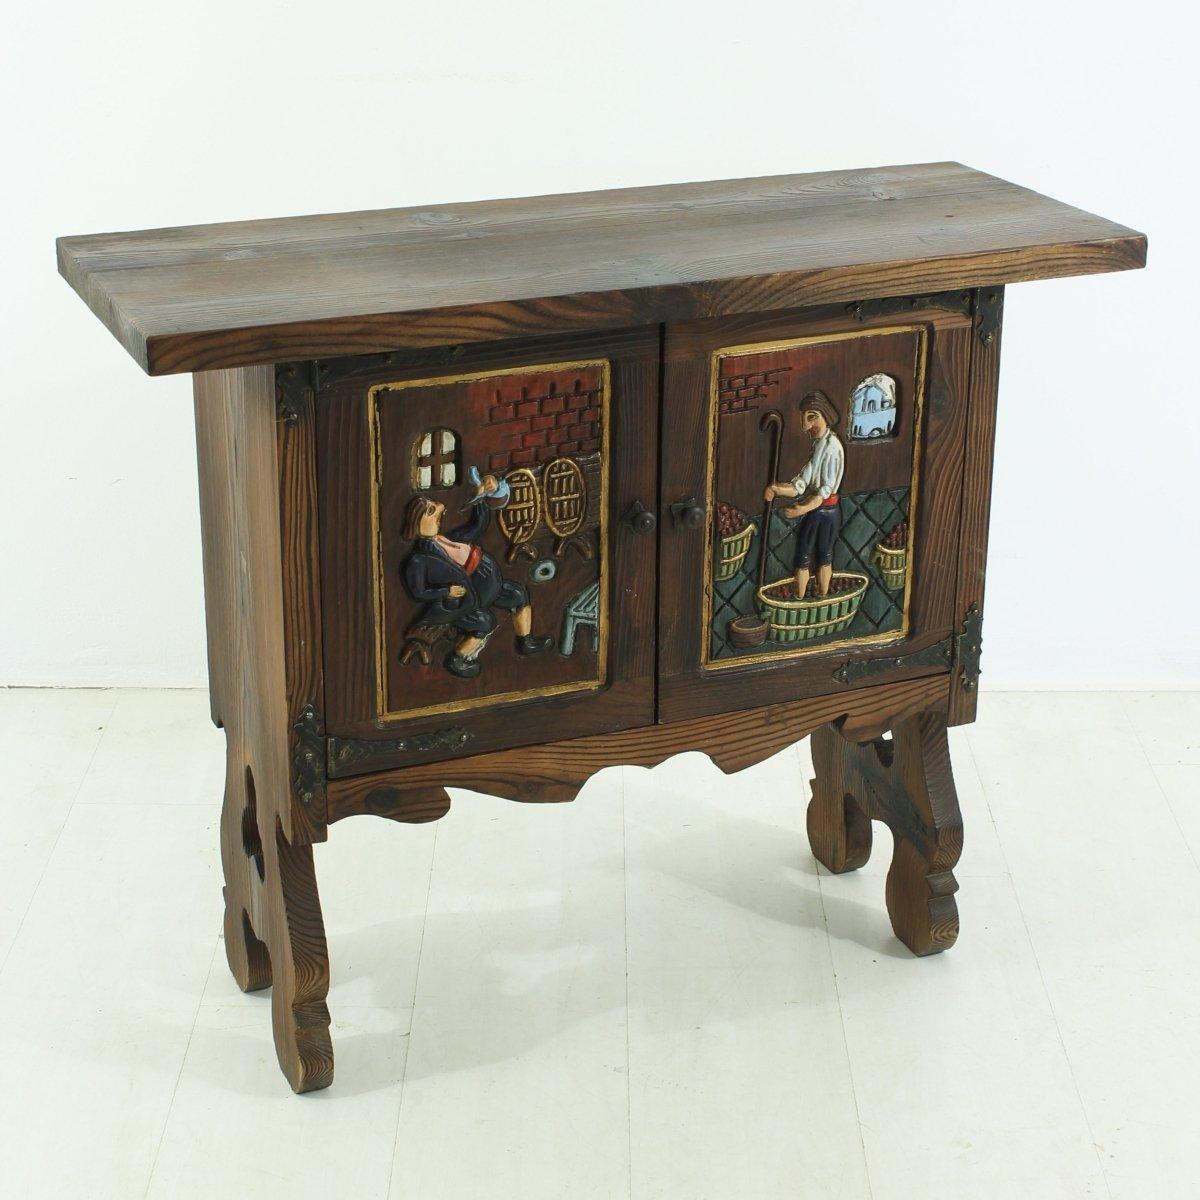 petit meuble d 39 appoint rural 1930s en vente sur pamono. Black Bedroom Furniture Sets. Home Design Ideas